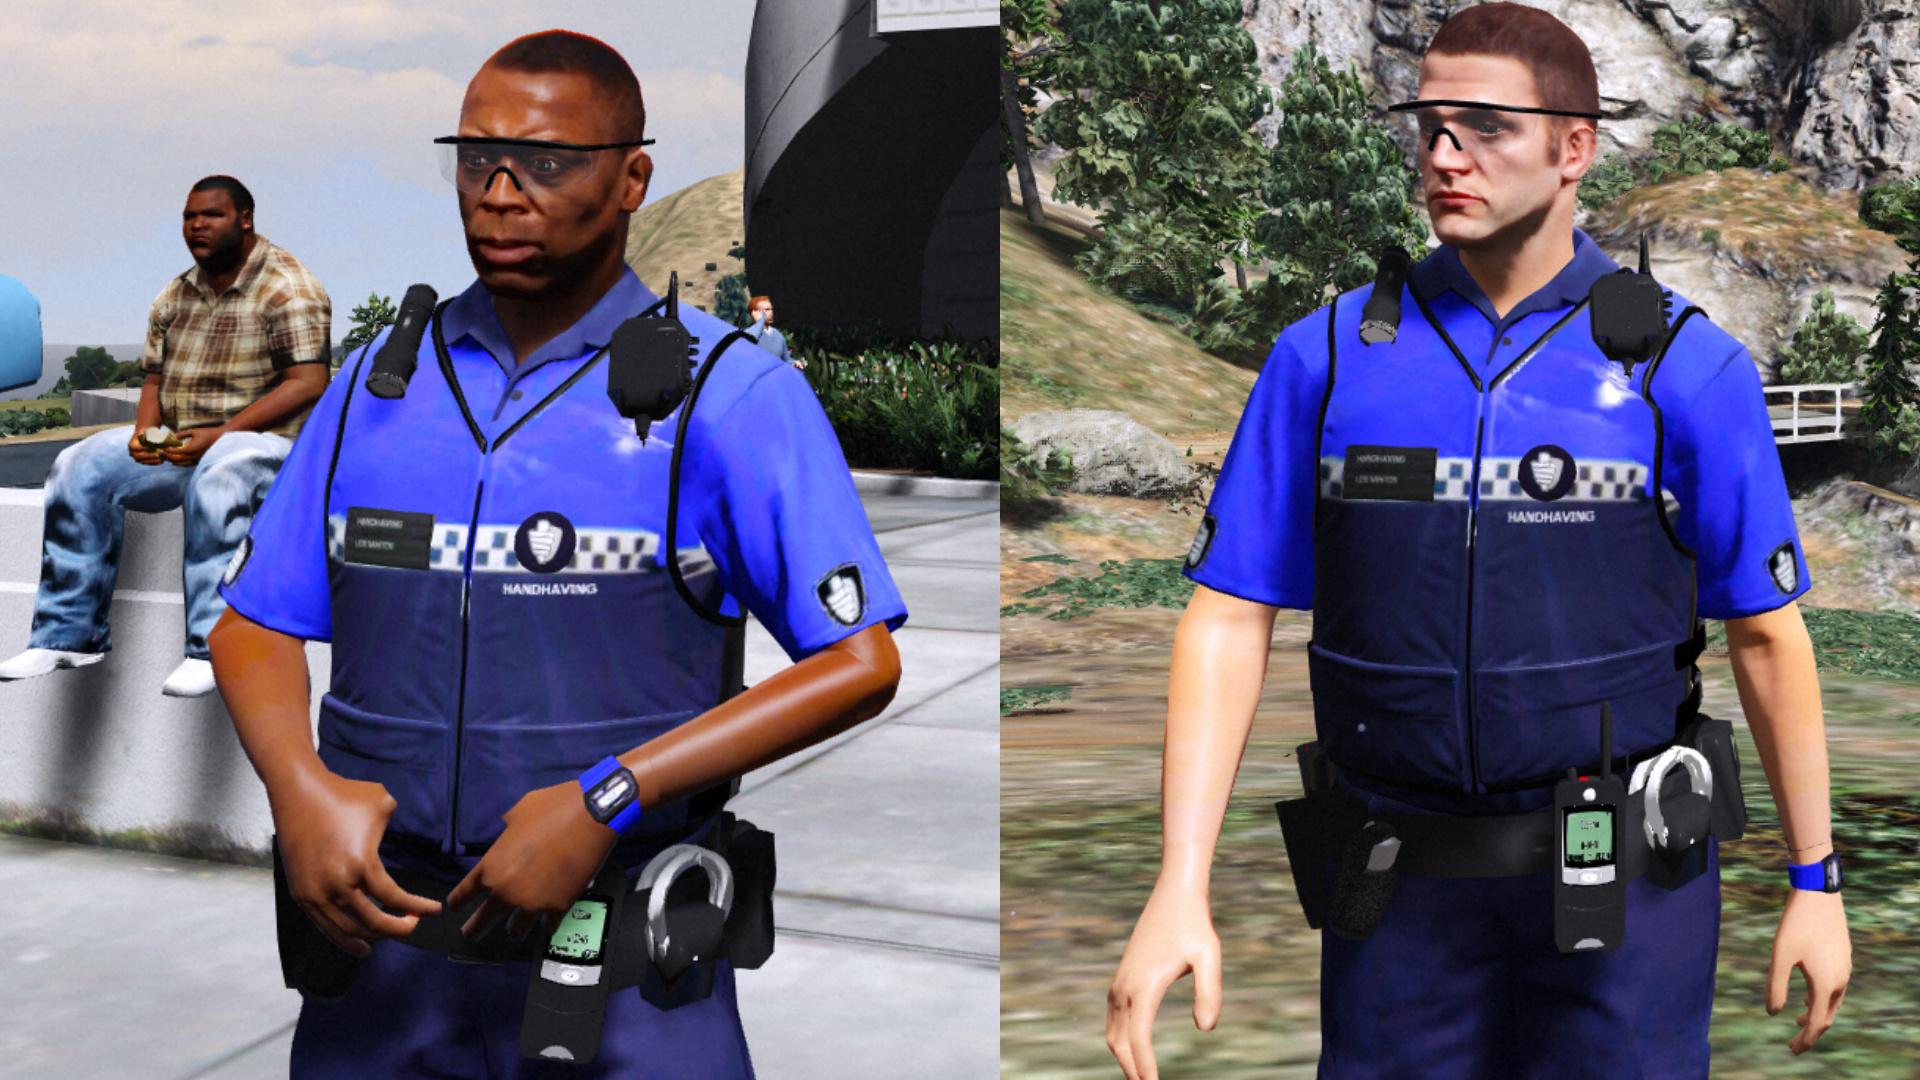 COP arrestatie COP